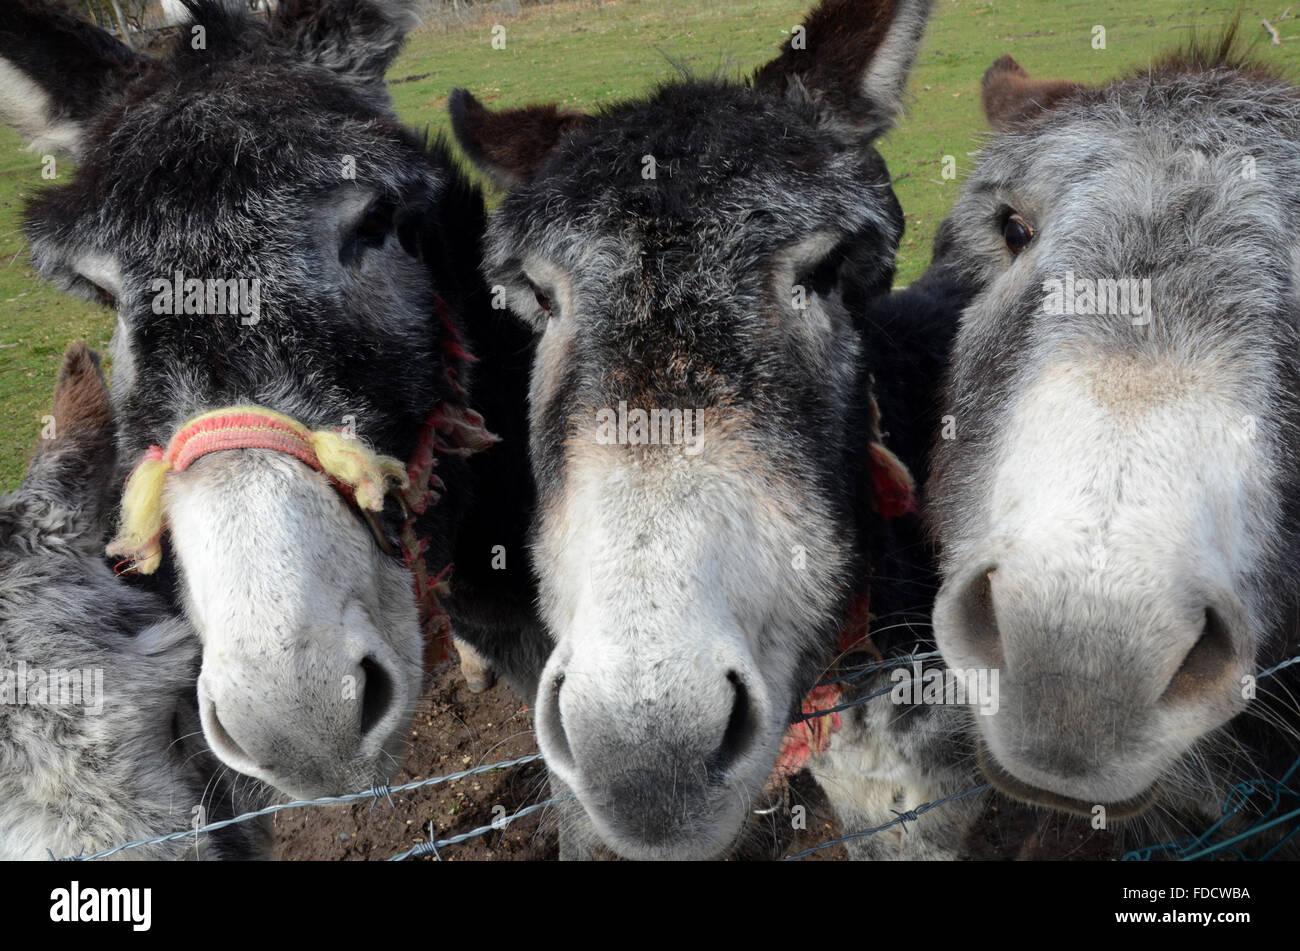 Rollamienta, España. 30 ene, 2016. Tres burros mirar curiosly en cámara en Rollamienta, España, donde Imagen De Stock